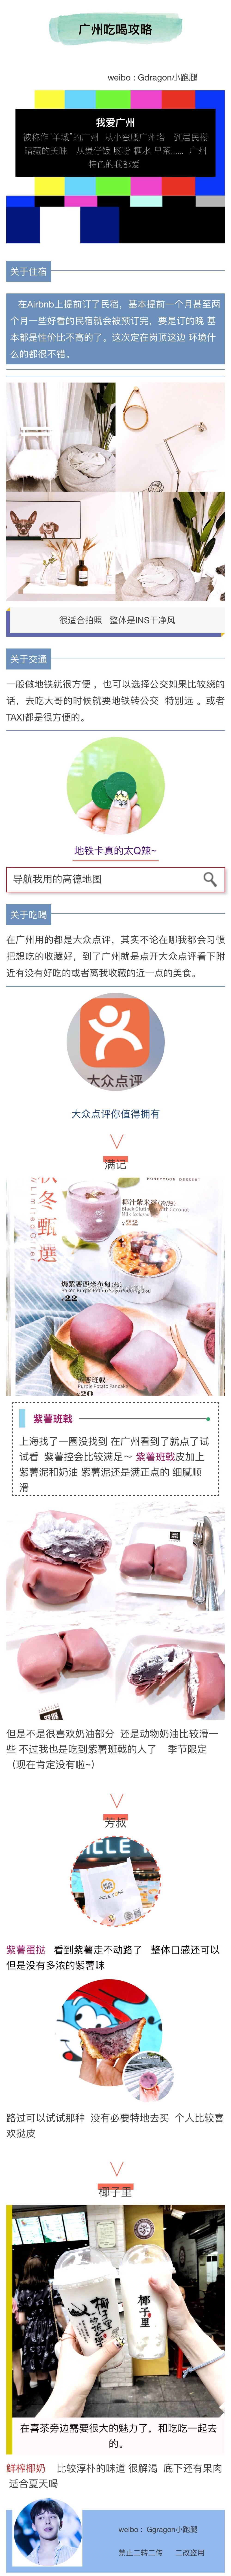 食在广州 广州吃喝攻略